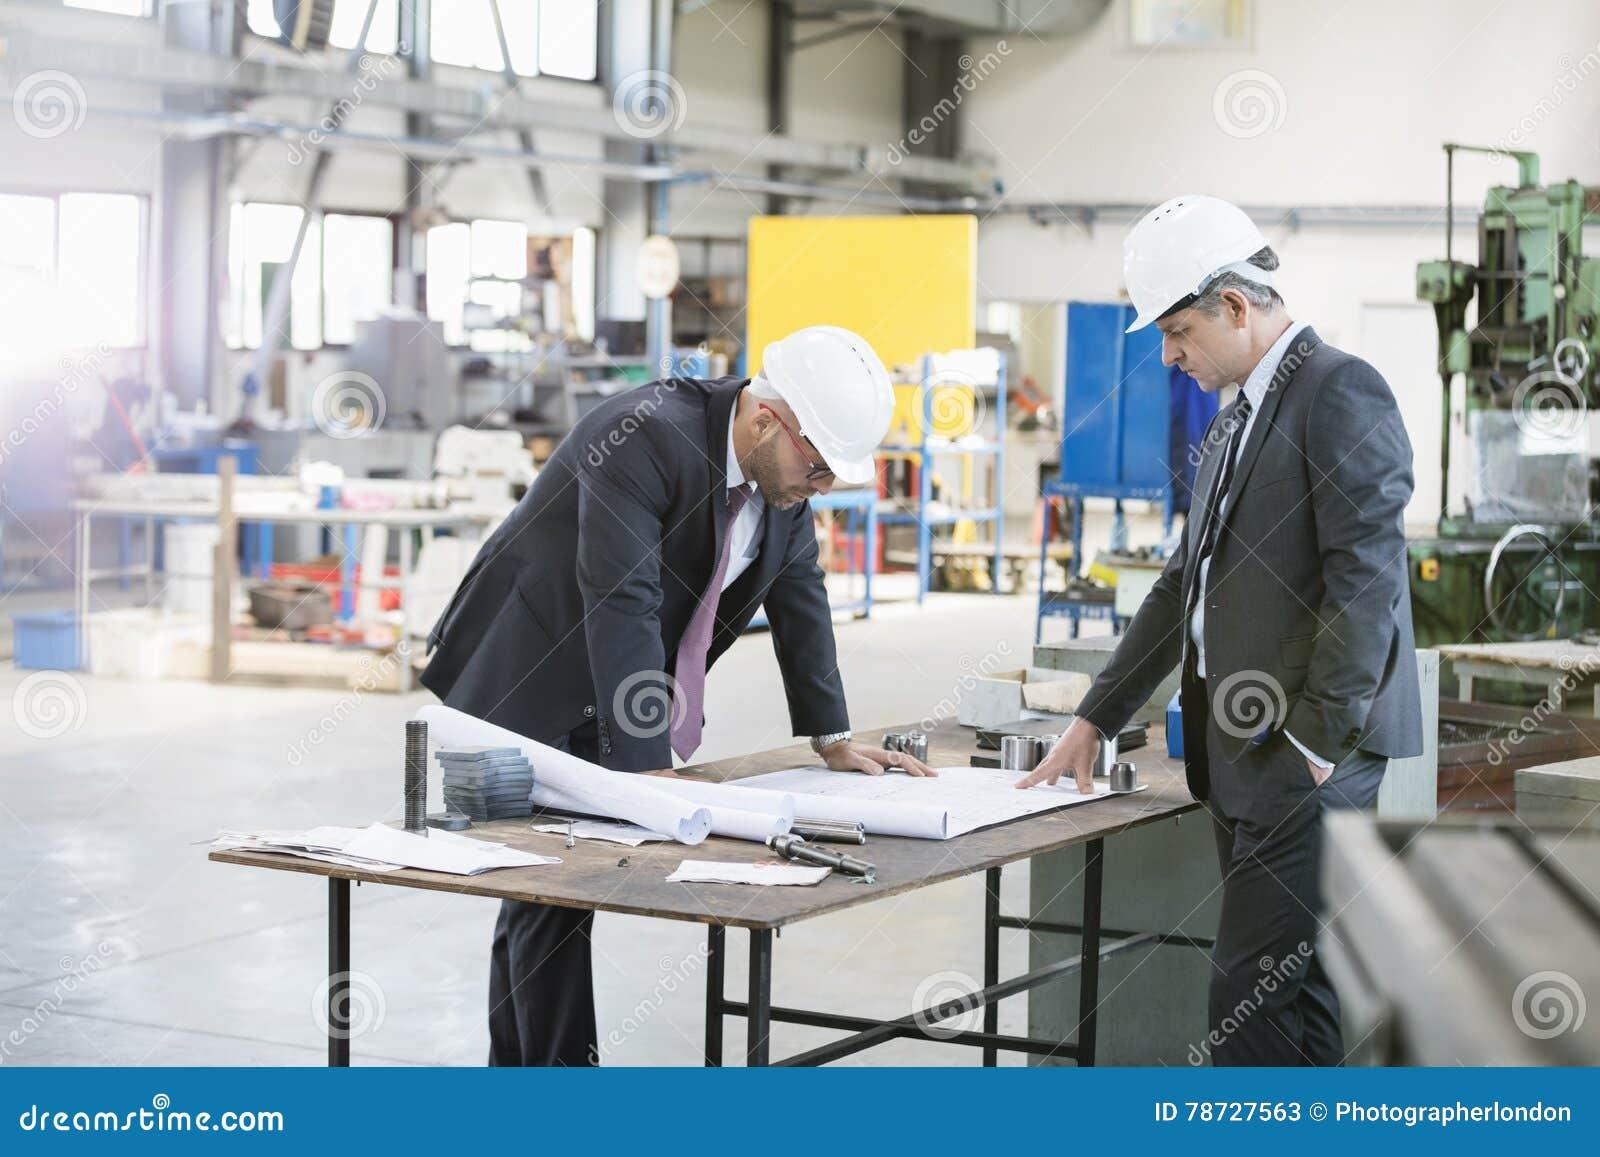 Uomini d affari che esaminano modello al banco da lavoro nell industria metalmeccanica